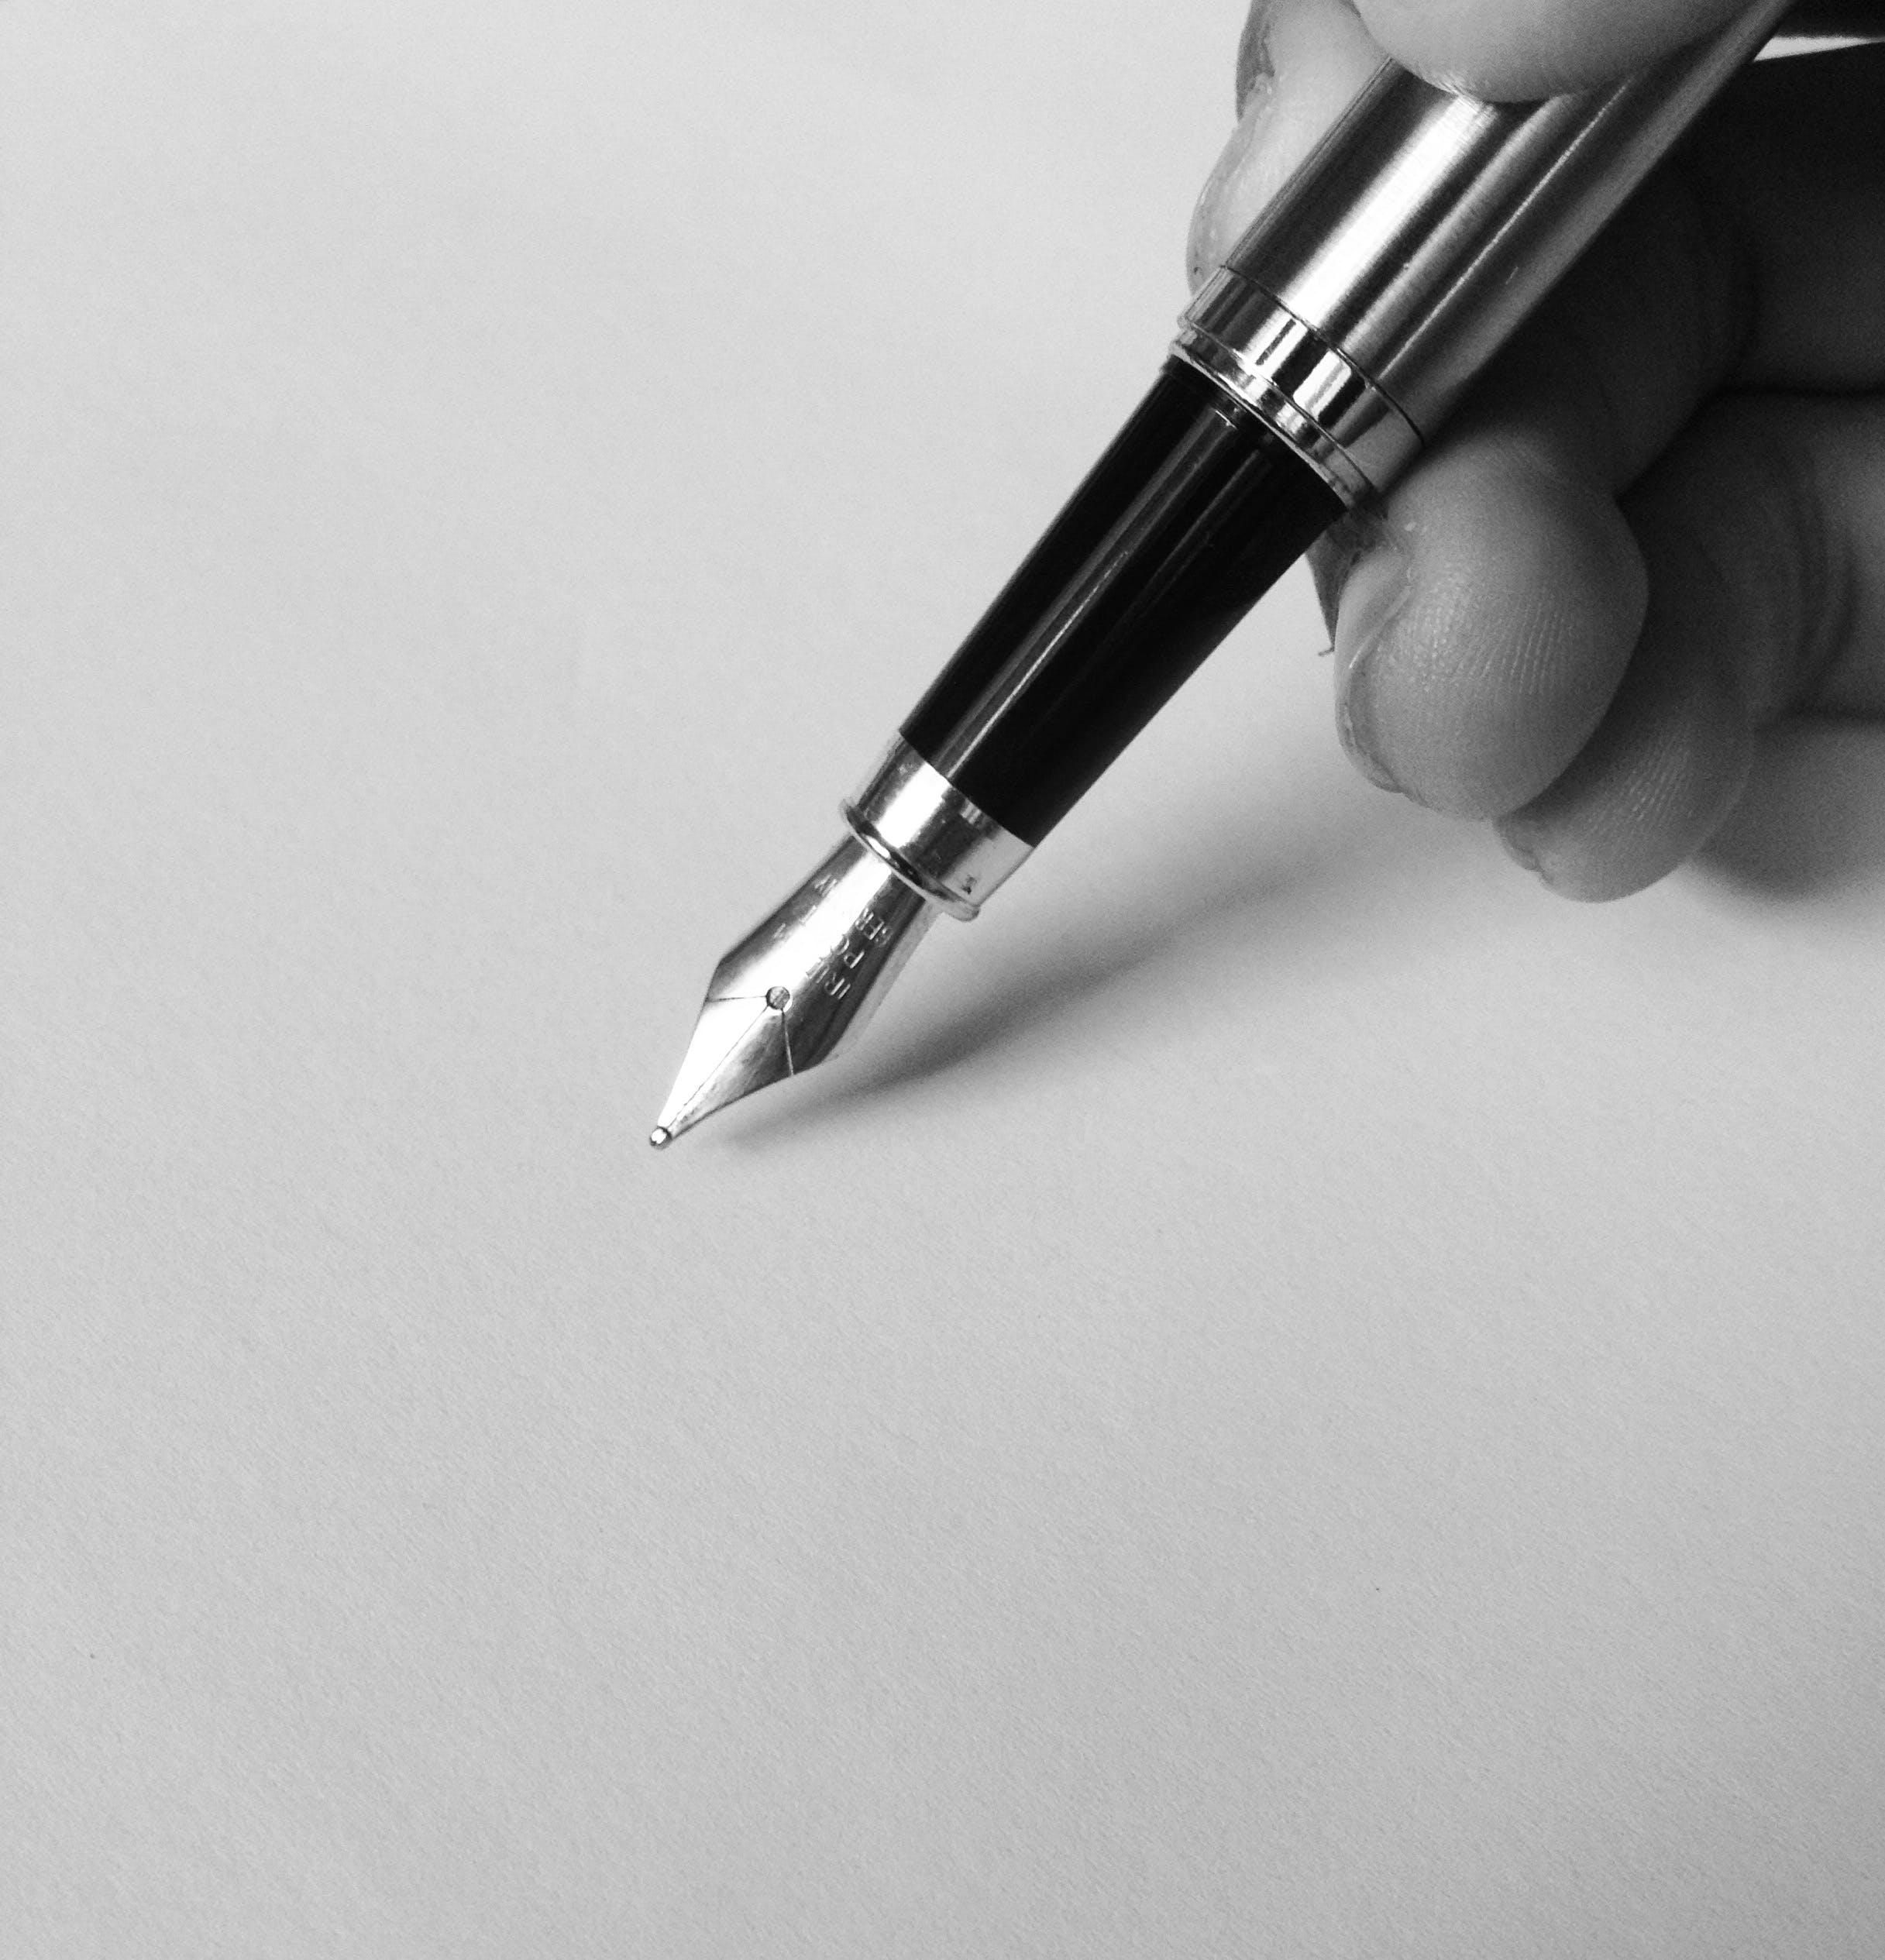 Gratis arkivbilde med fyllepenn, penn, svart-hvitt